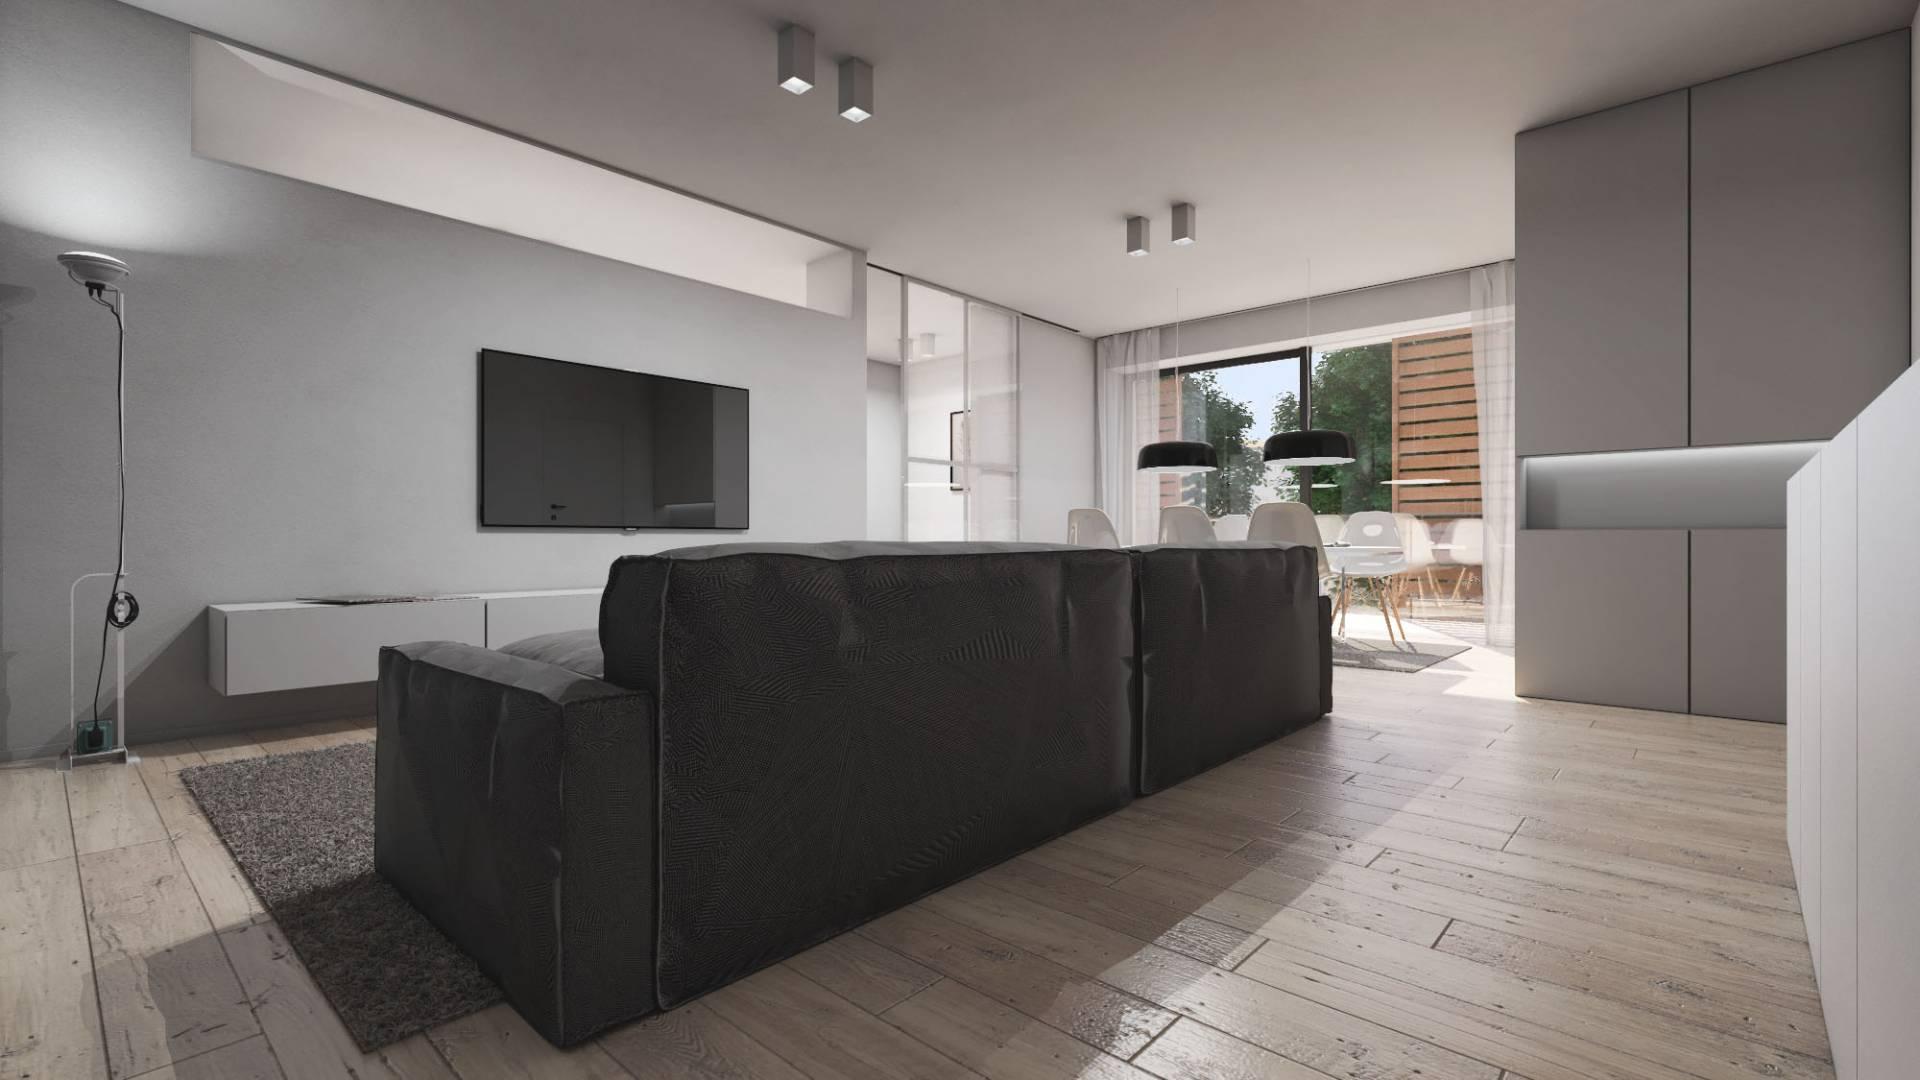 Appartamento in vendita a Verona, 3 locali, zona Località: BorgoTrento, prezzo € 662.000 | CambioCasa.it